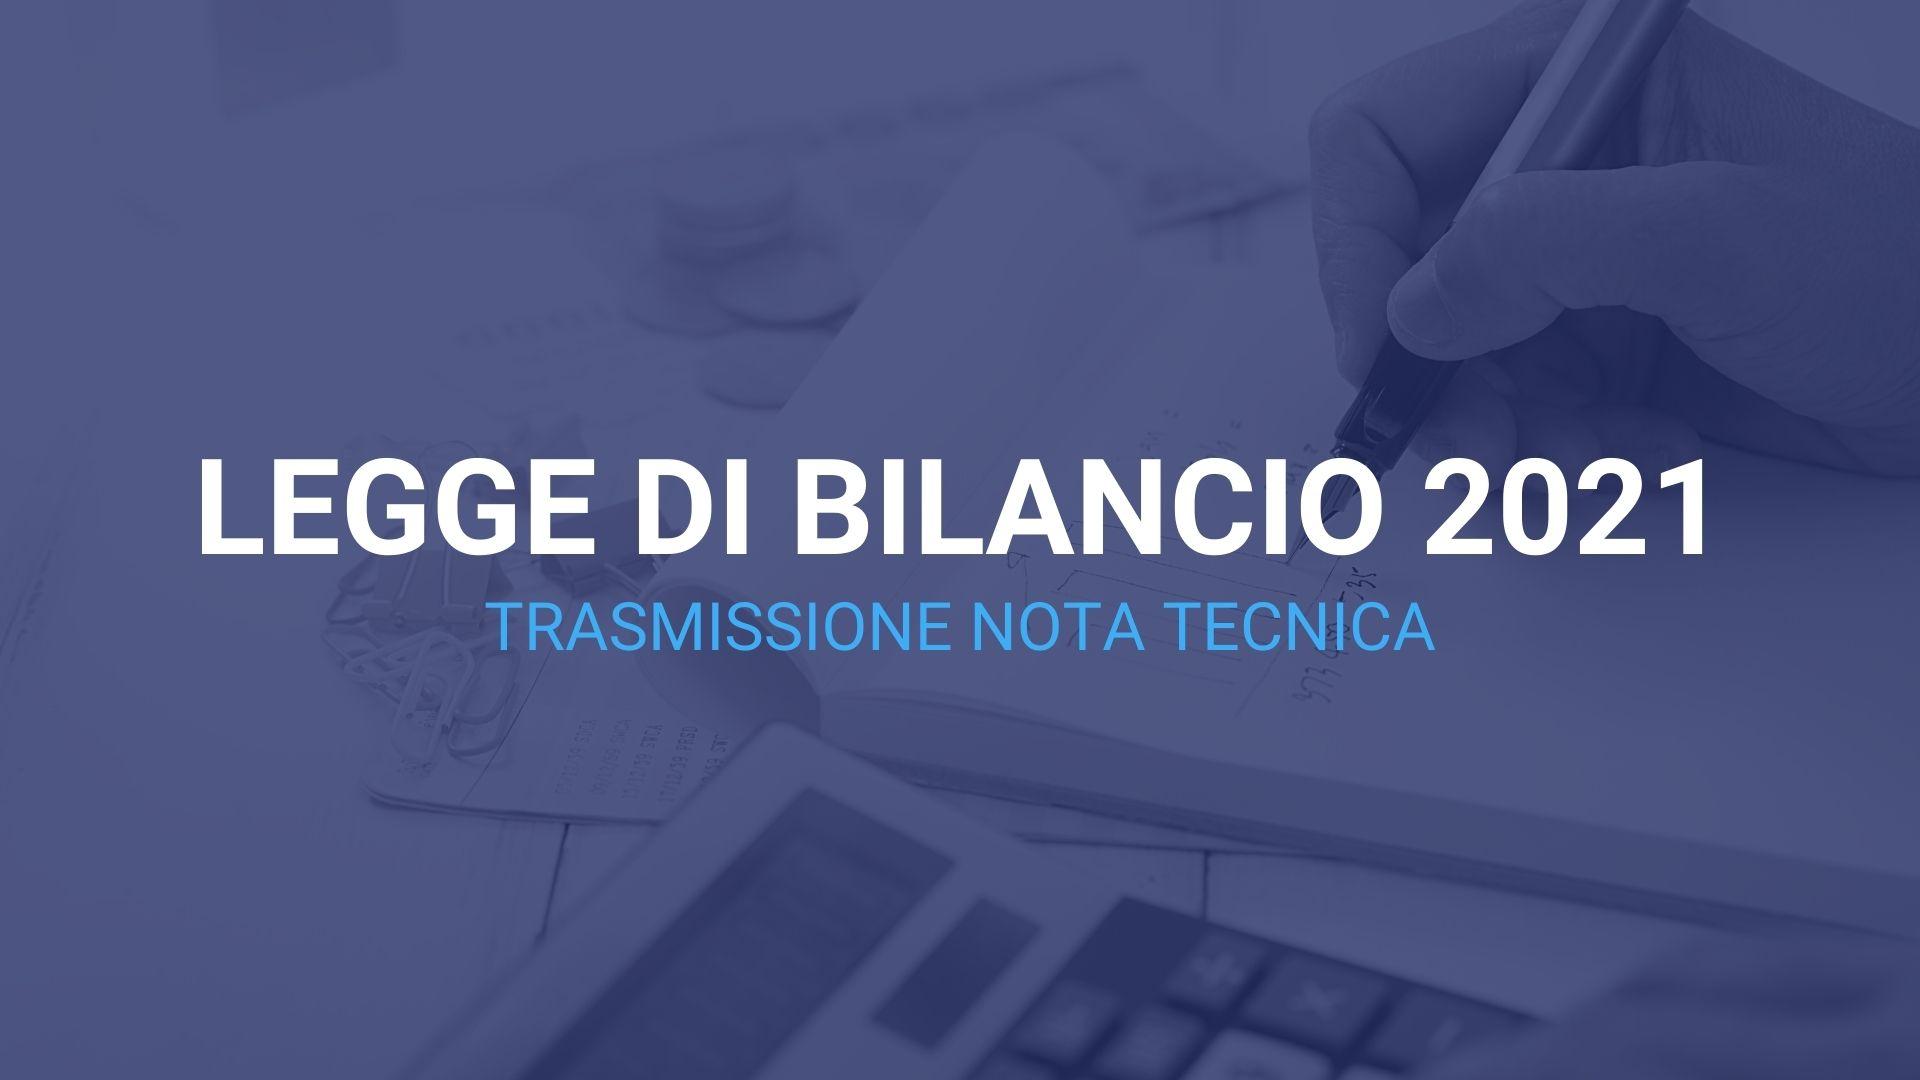 Legge di bilancio 2021. Trasmissione nota tecnica 1